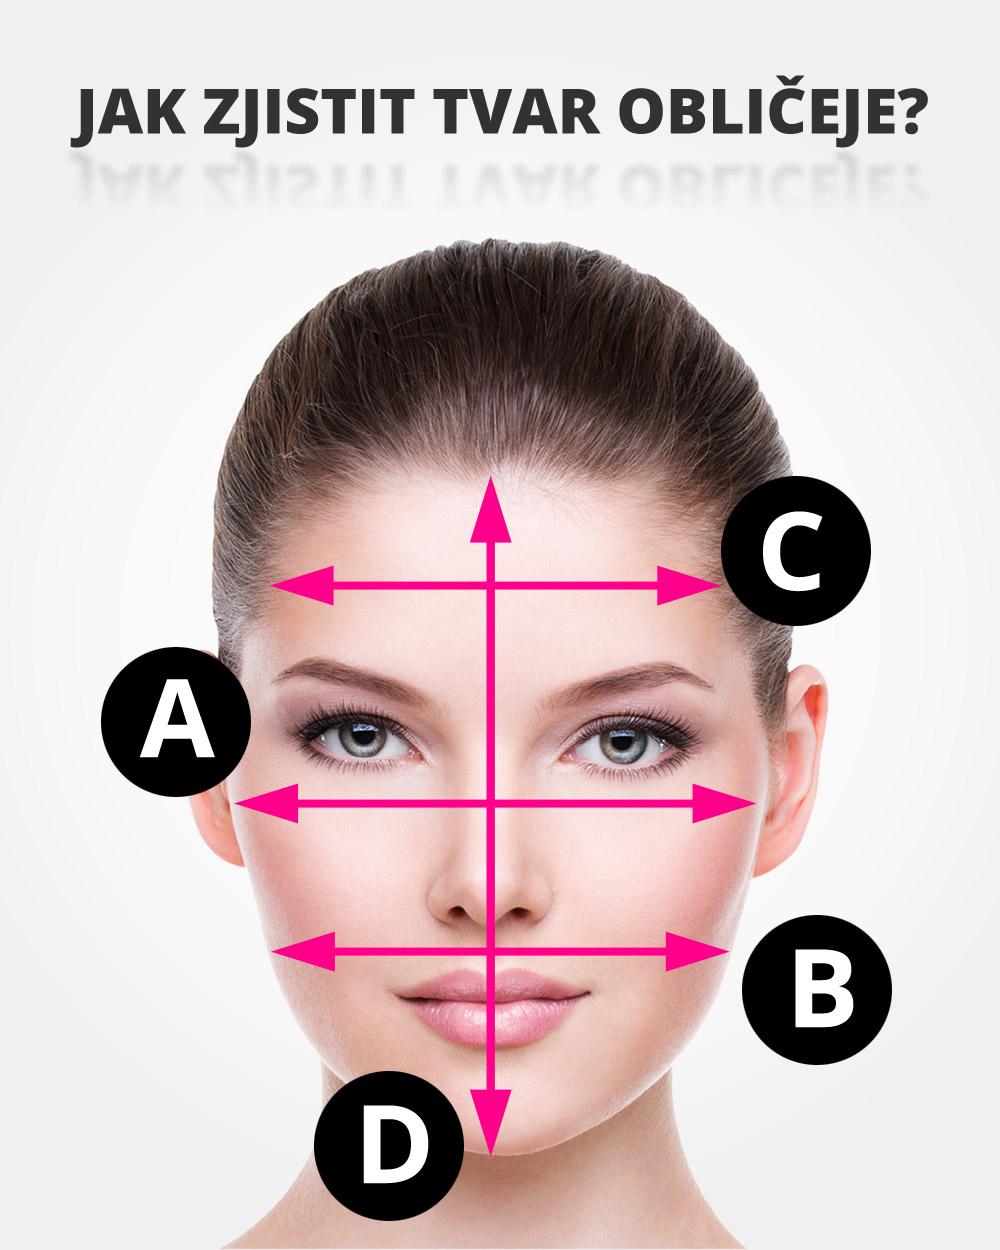 Jak zjistit tvar obličeje? Změřte svůj obličej na čtyřech místech a zjistěte, jaký je váš tvar obličeje.